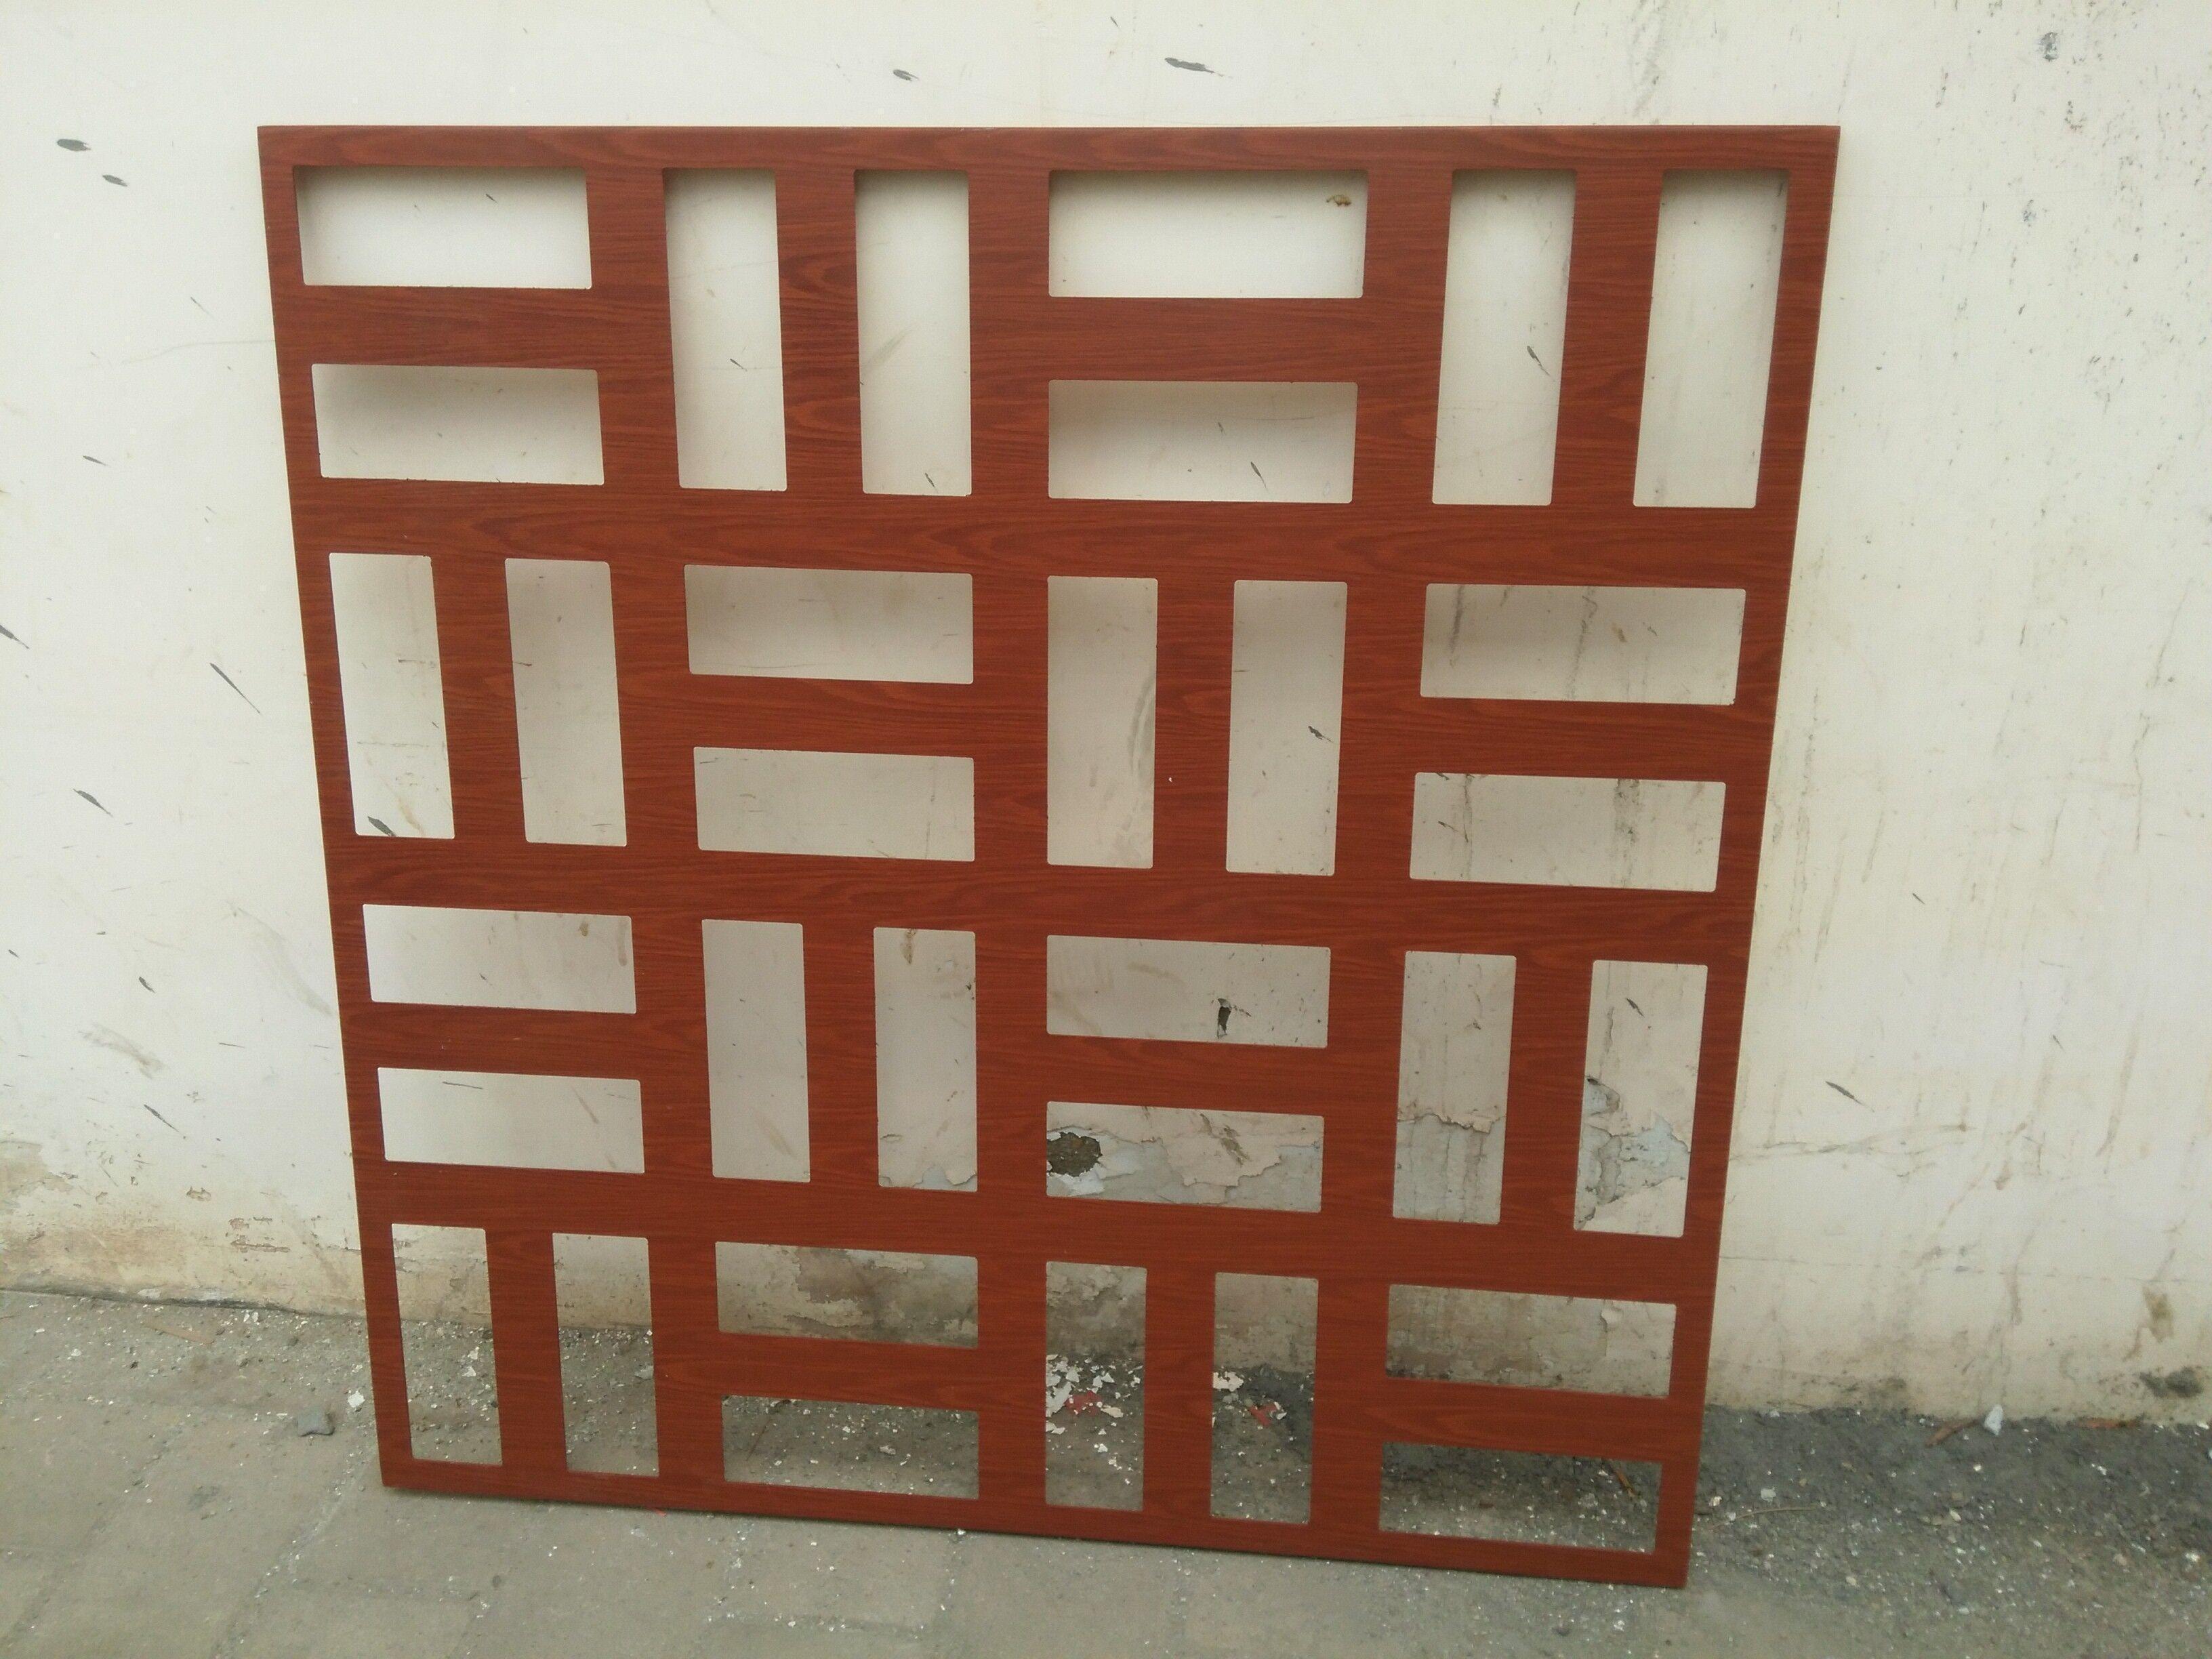 仿木纹雕花铝板 仿古风格木纹铝单板